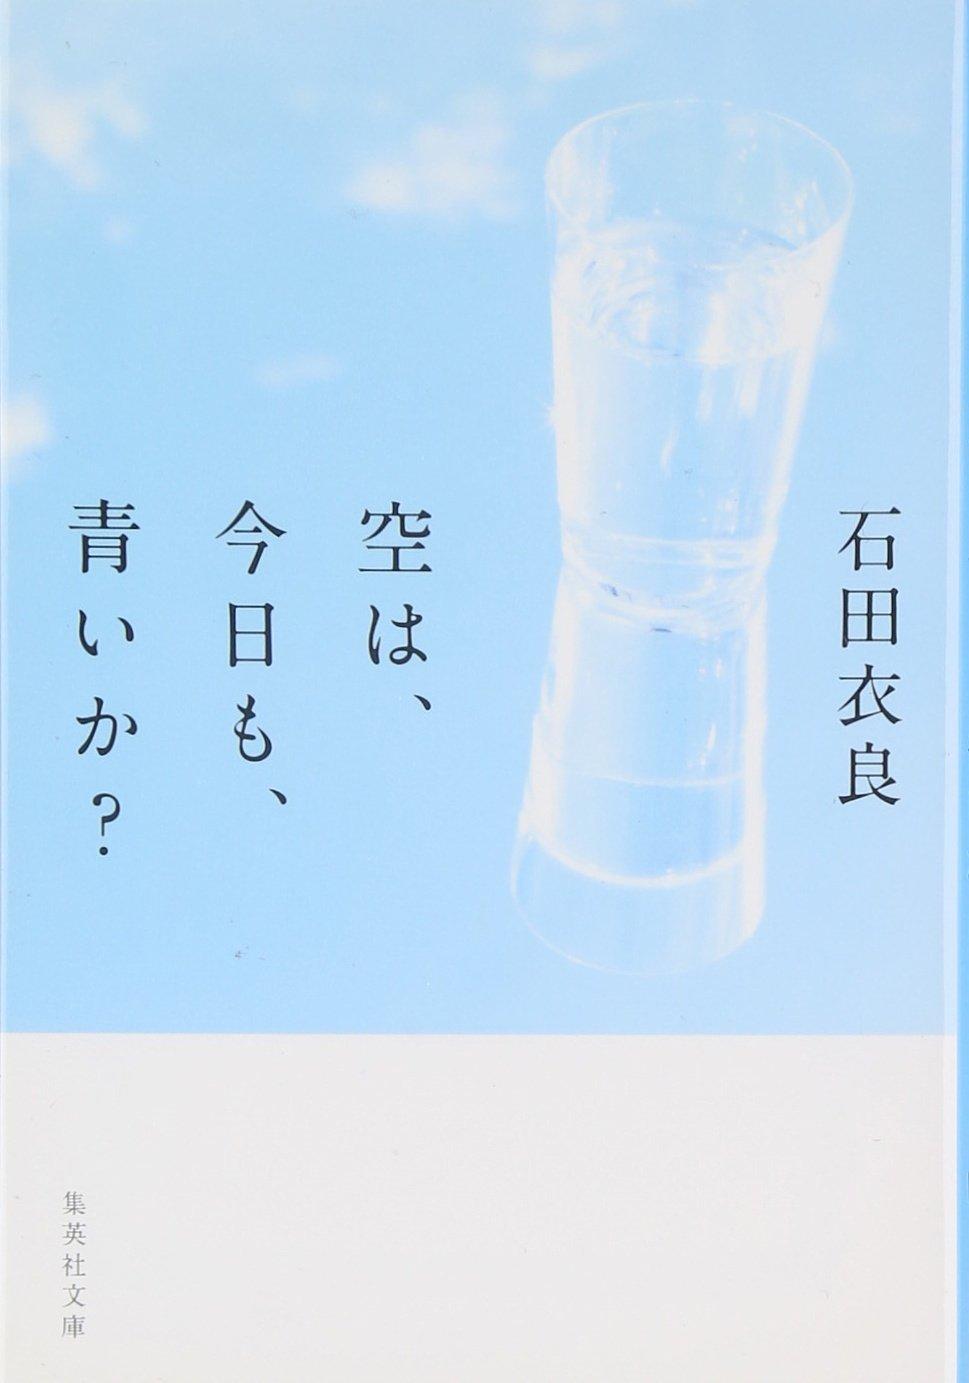 石田衣良おすすめ作品5選!感動長編から勇気づけられるエッセイまで